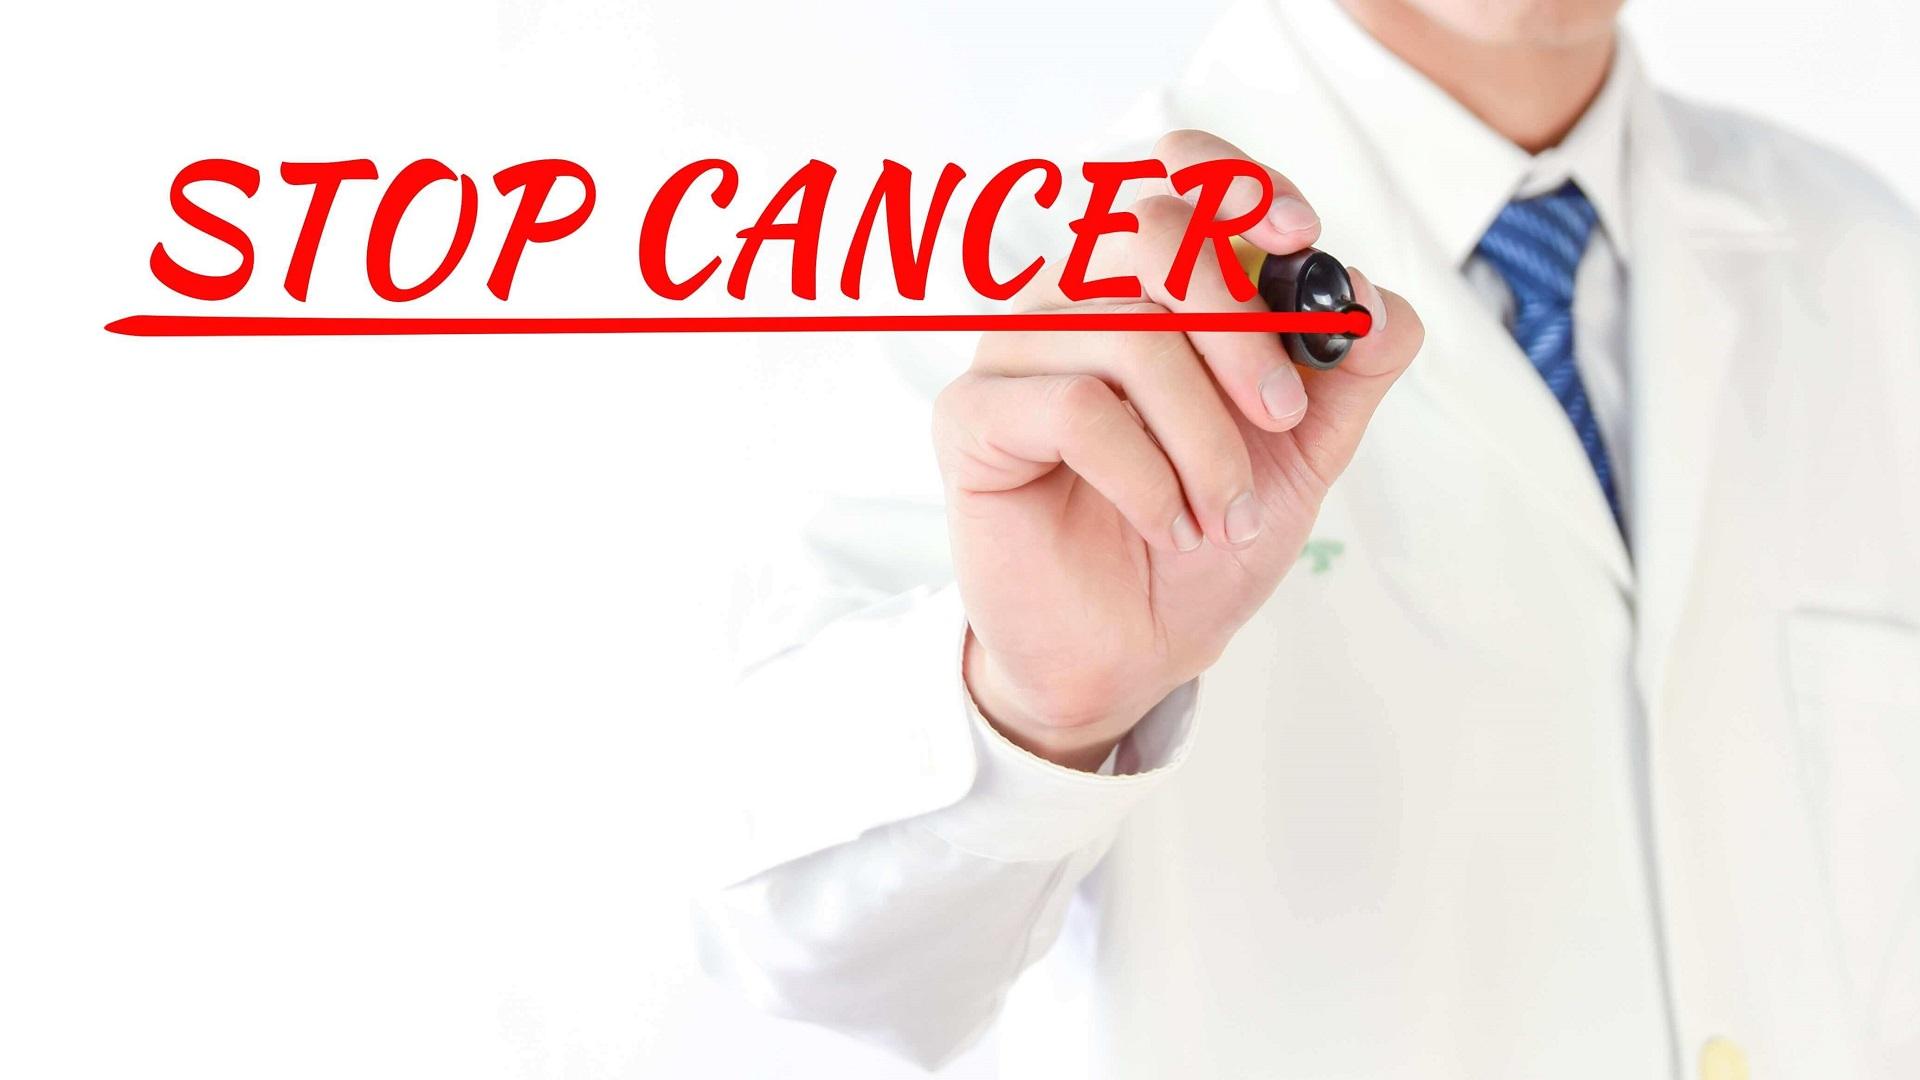 Hỗ trợ phòng chống ung thư là một trong những tác dụng nổi bật của trà sen